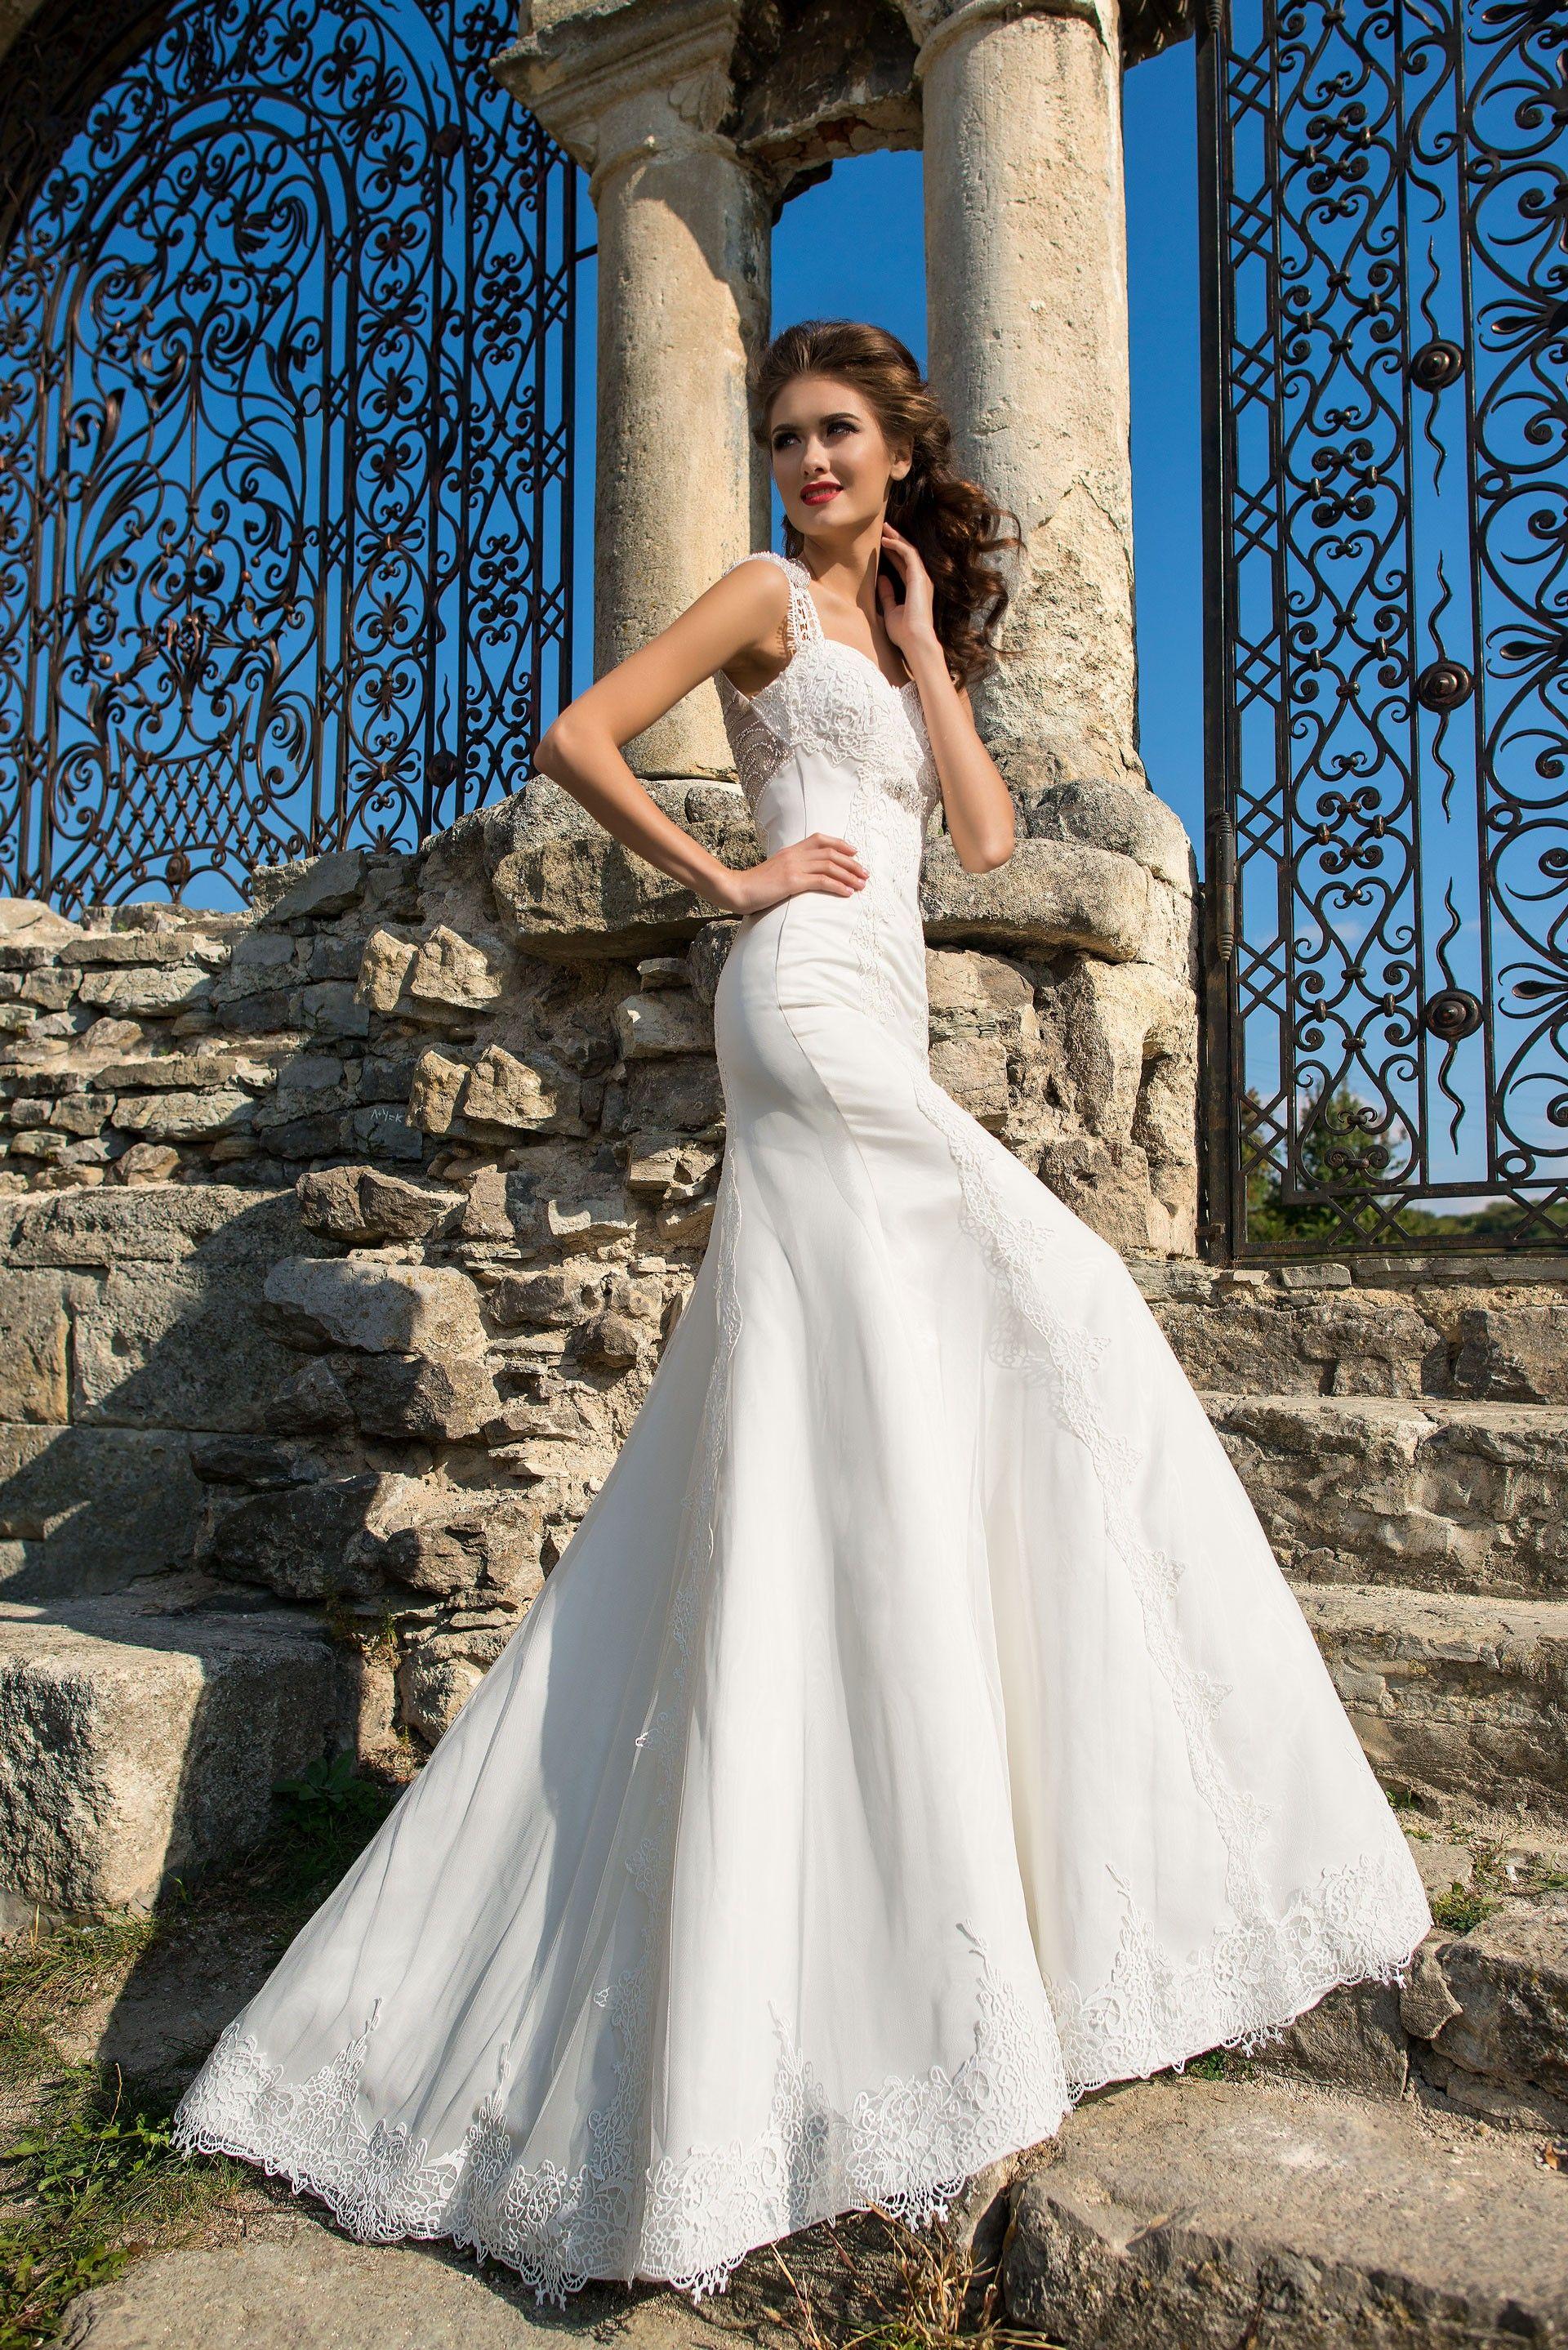 Očarujúce dlhé svadobné šaty v štýle morská panna s krásne zdobeným chrbtom 3118715c04b